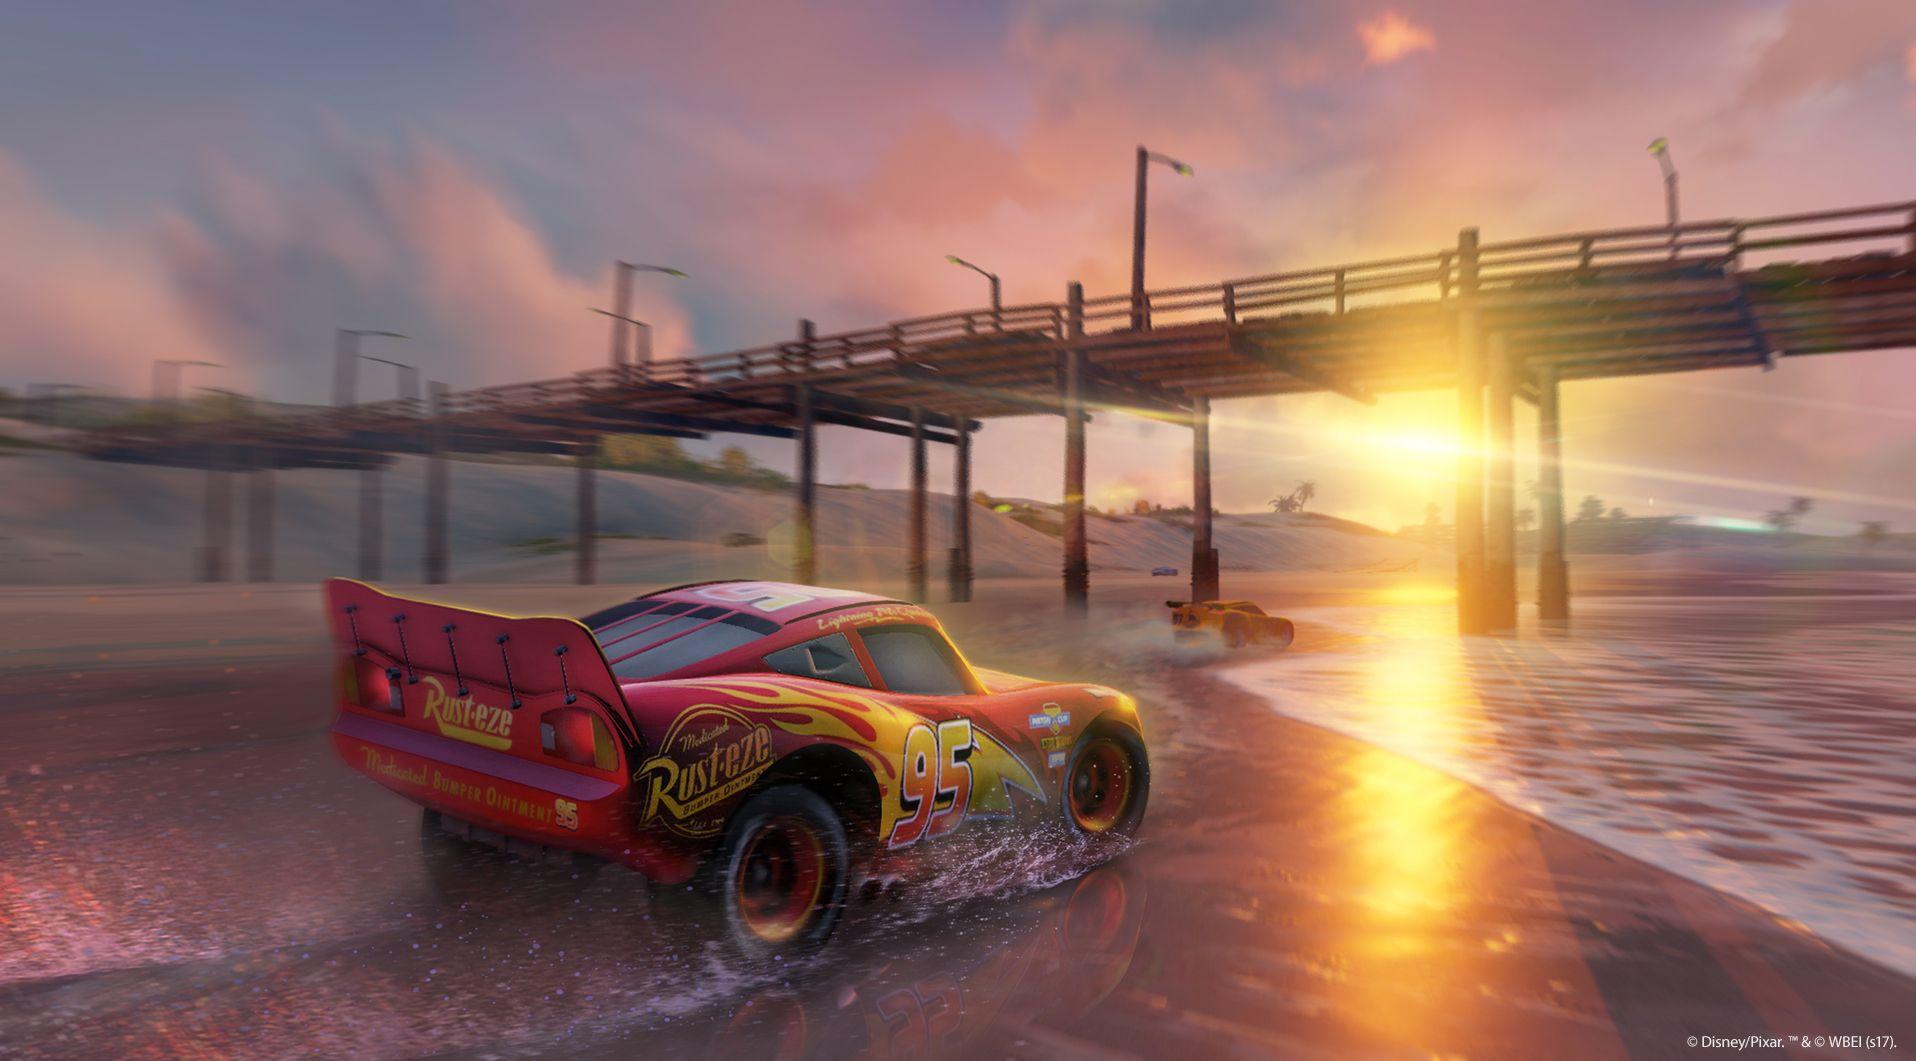 Závodní hra Auta 3 se koná po událostech z filmu 141542